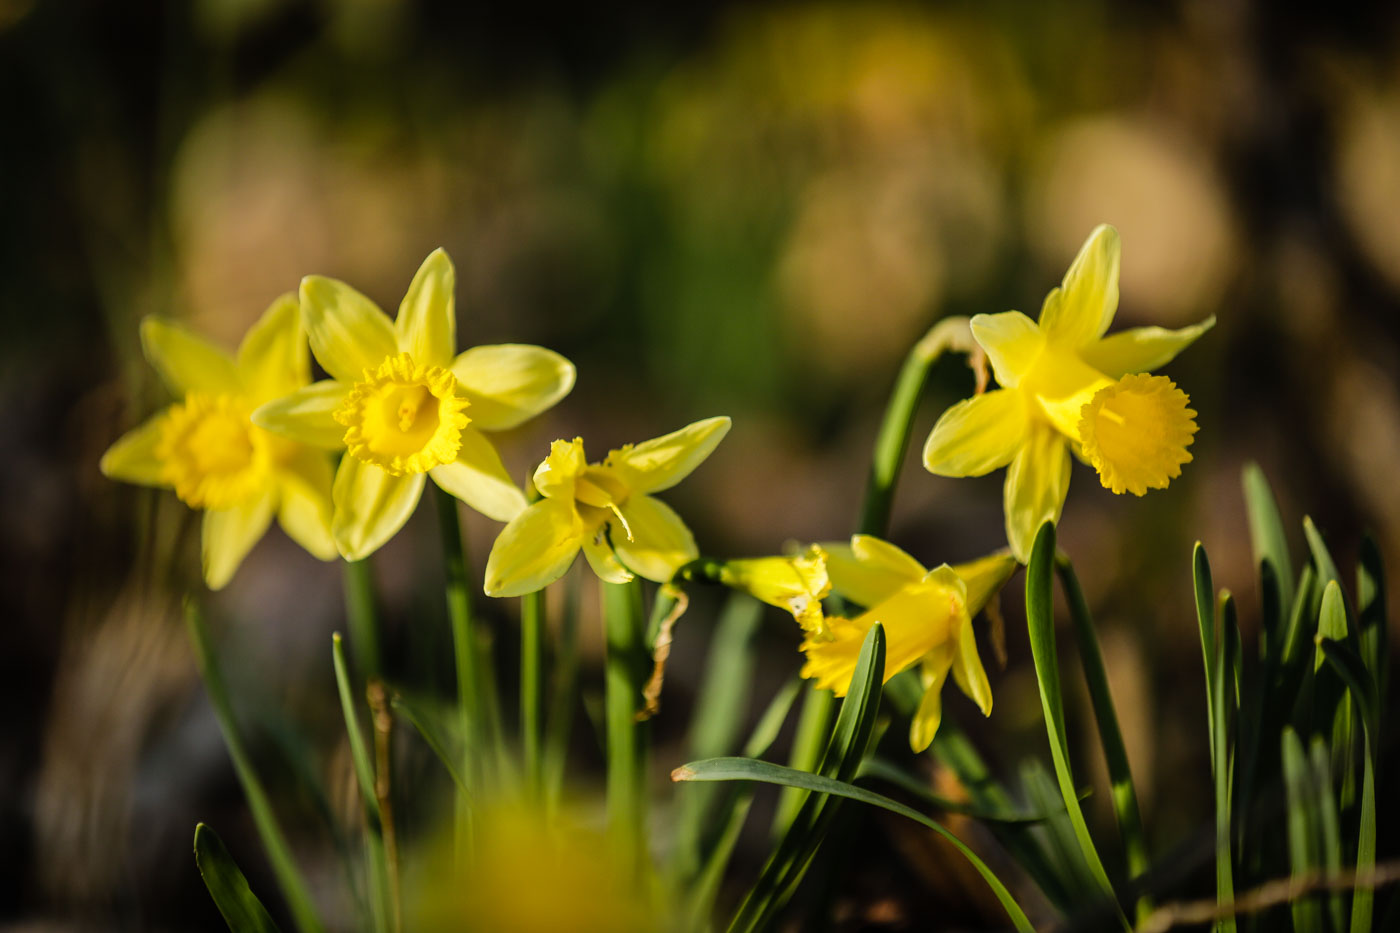 diariesof-daffodils-forest-lellingen-luxembourg-9770